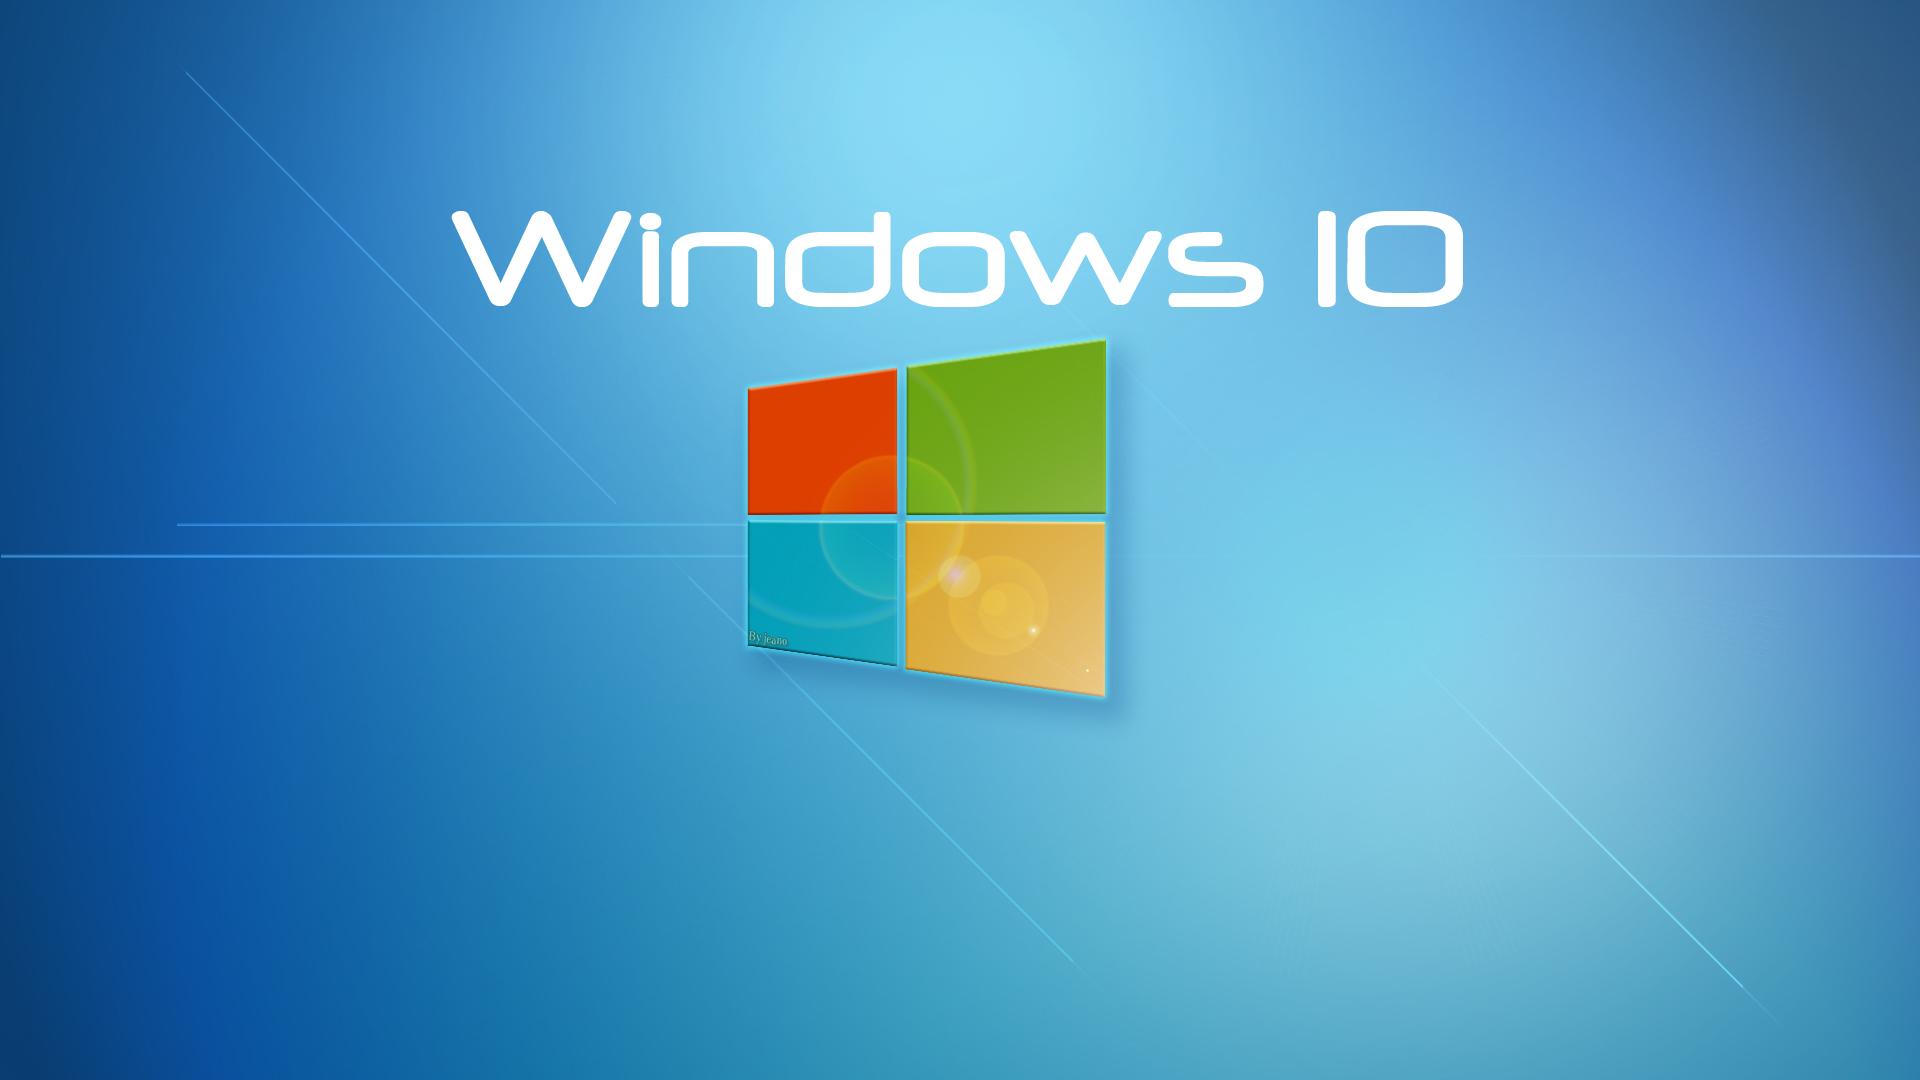 Free Download Windows 10 Wallpaper Betawindows10 1920x1080